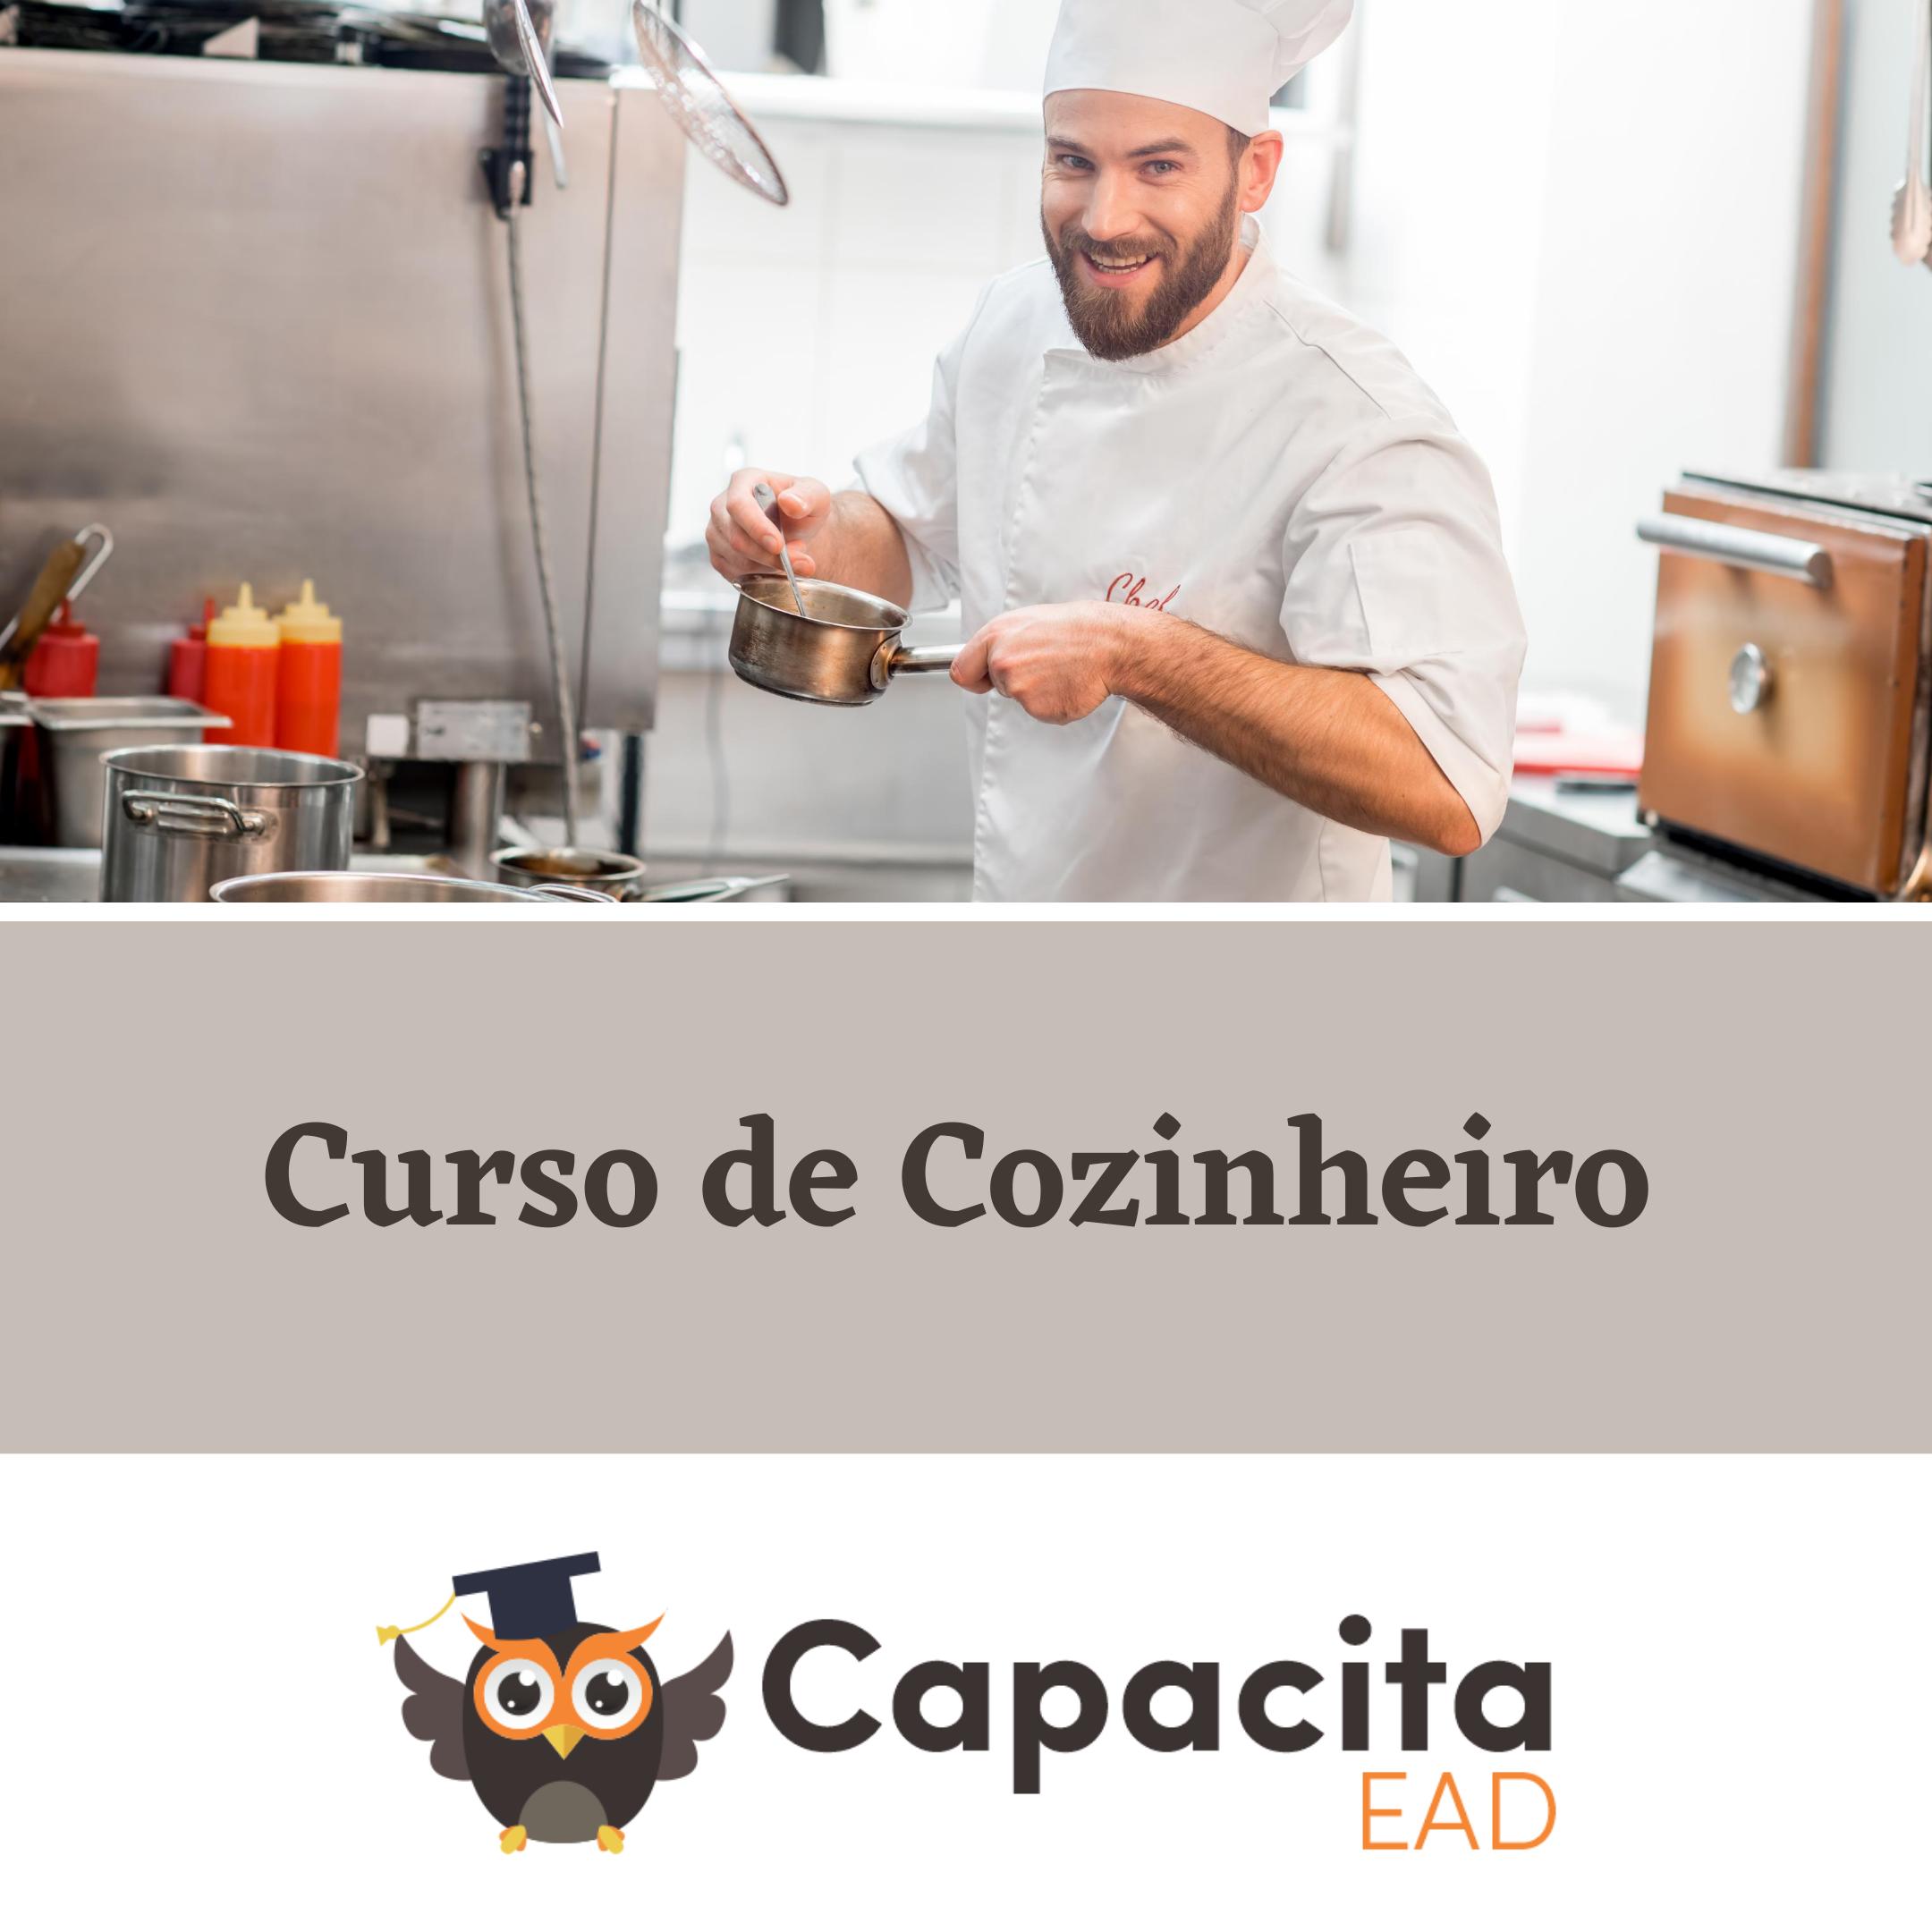 Curso de Cozinheiro